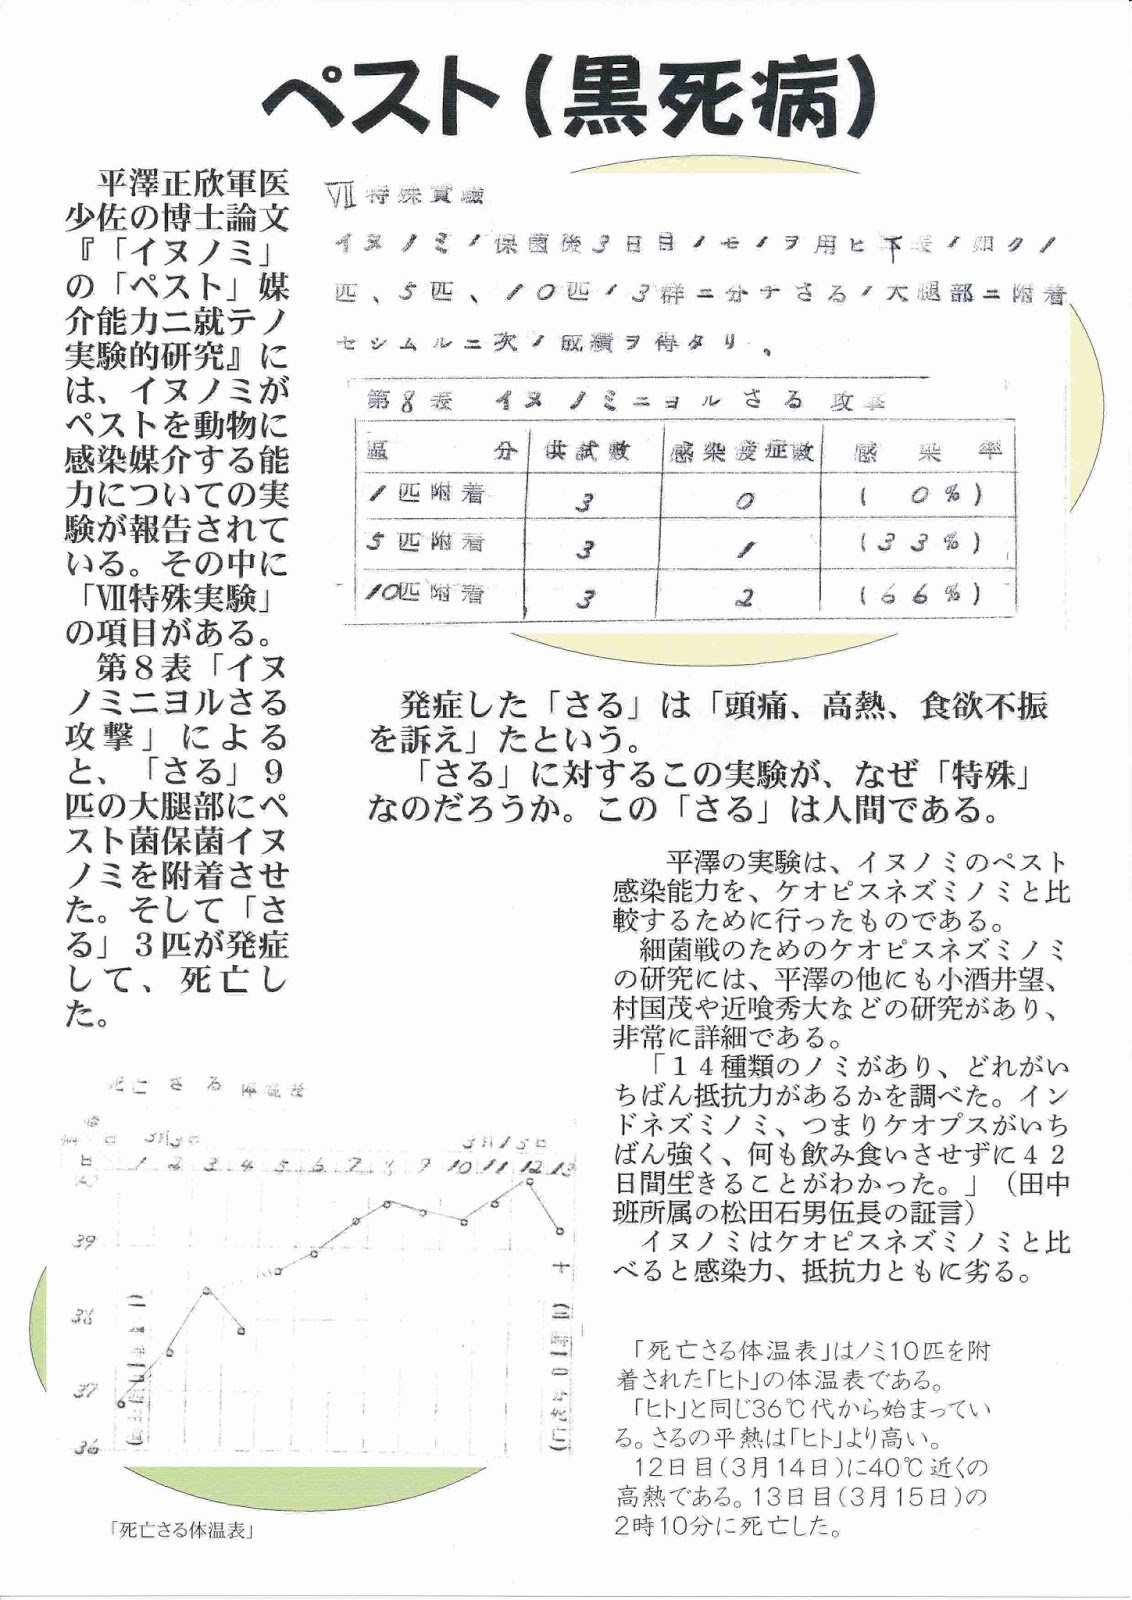 ノート:731部隊 - JapaneseClass.jp